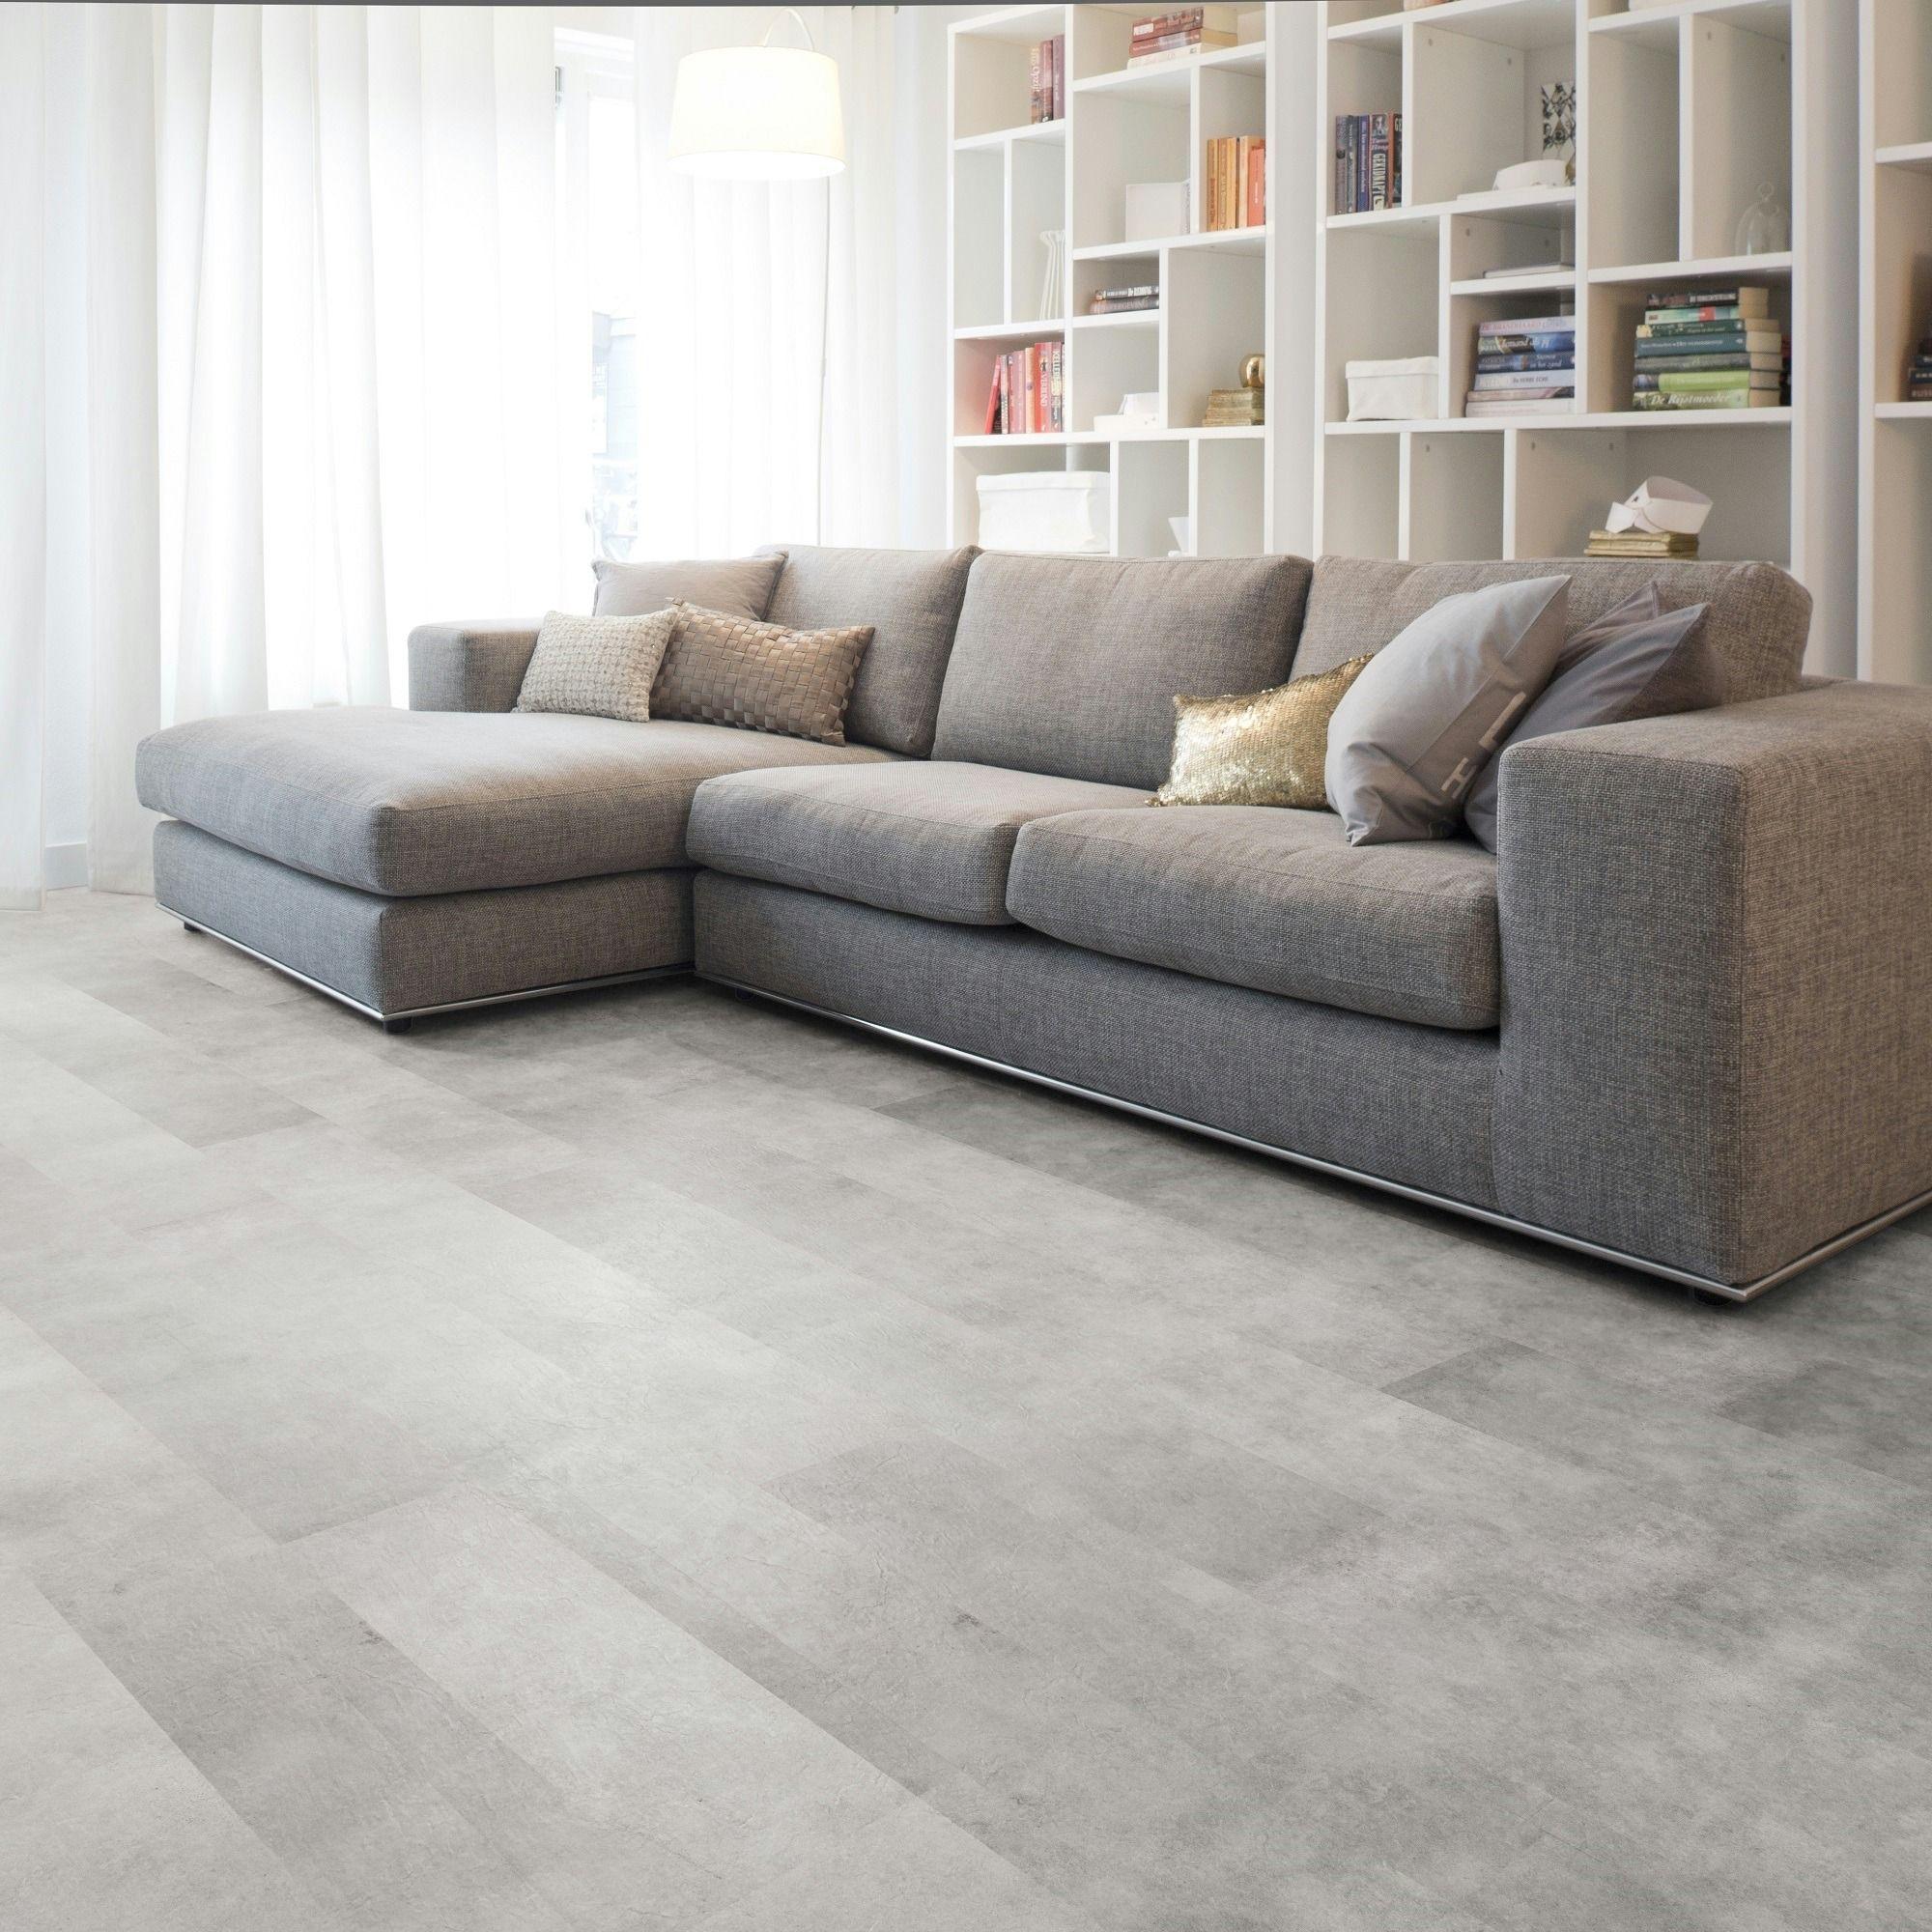 lifetime trend laminaat concrete betonlook 2 25minspiratie